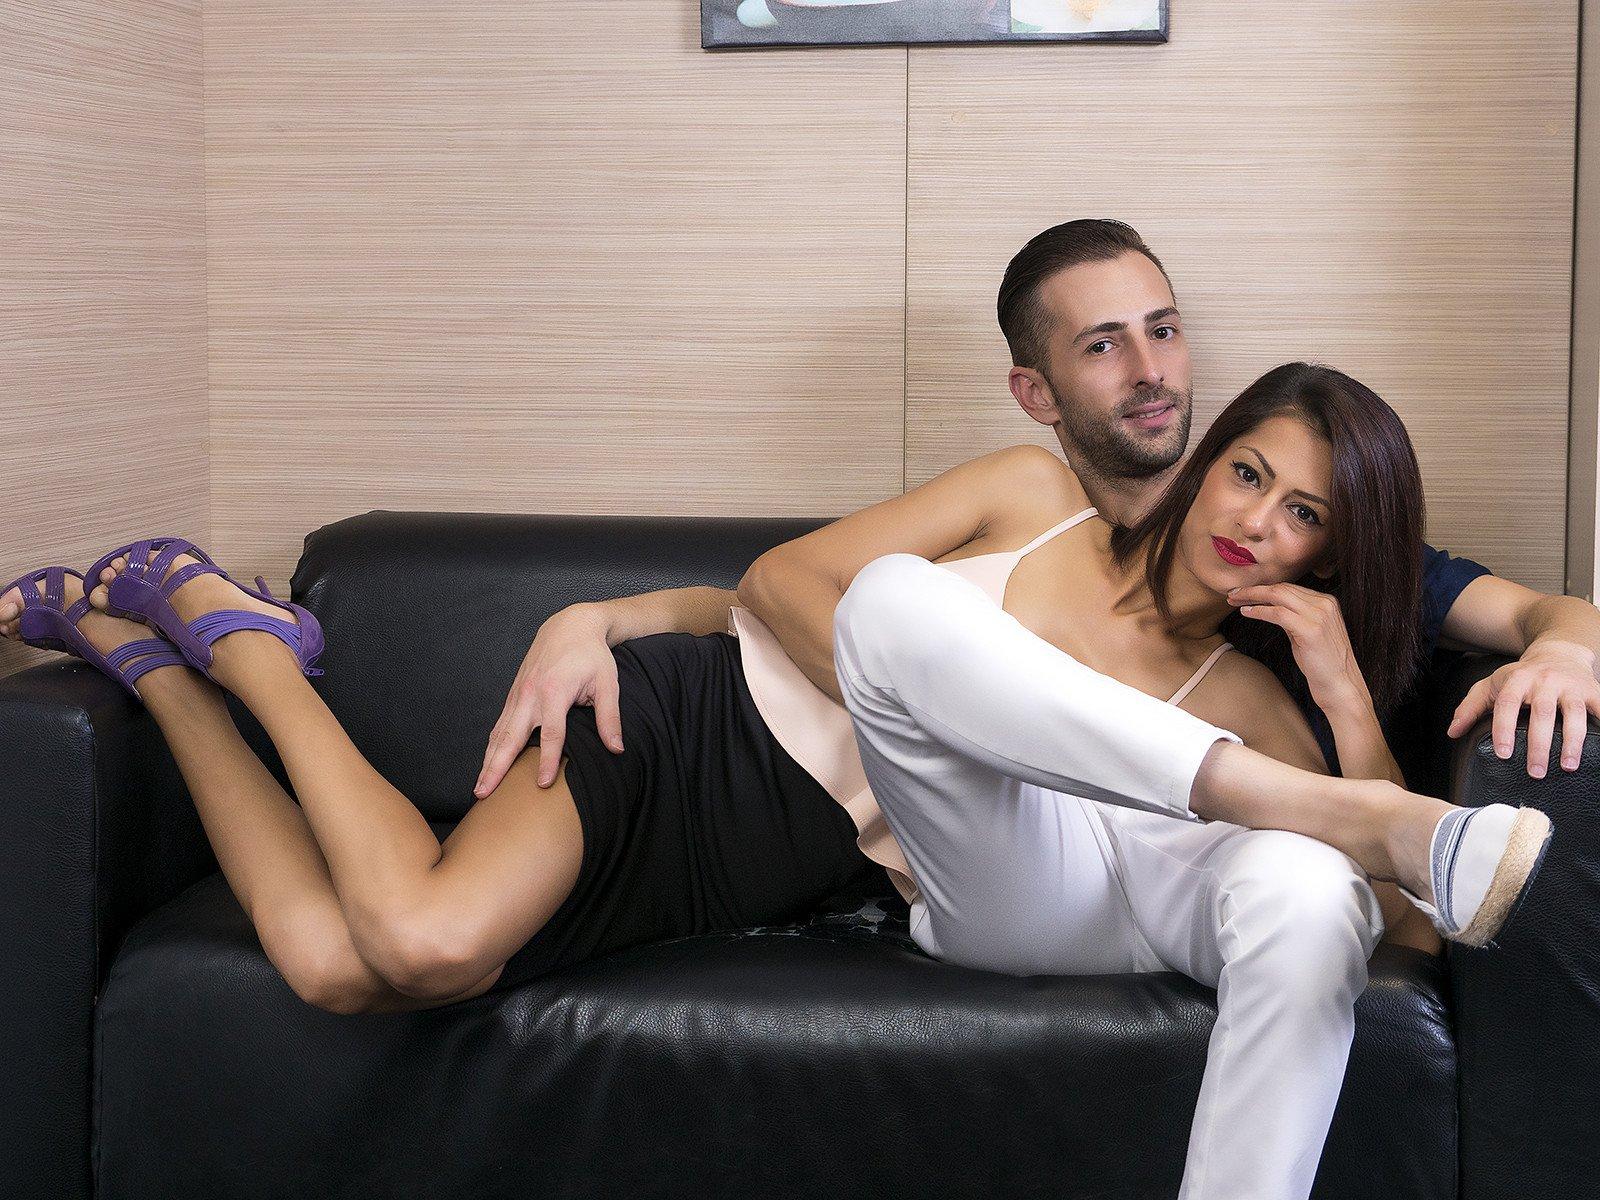 Webcam couple live cam amateur porn pics pornographie free sex chat tnaflix porn pics